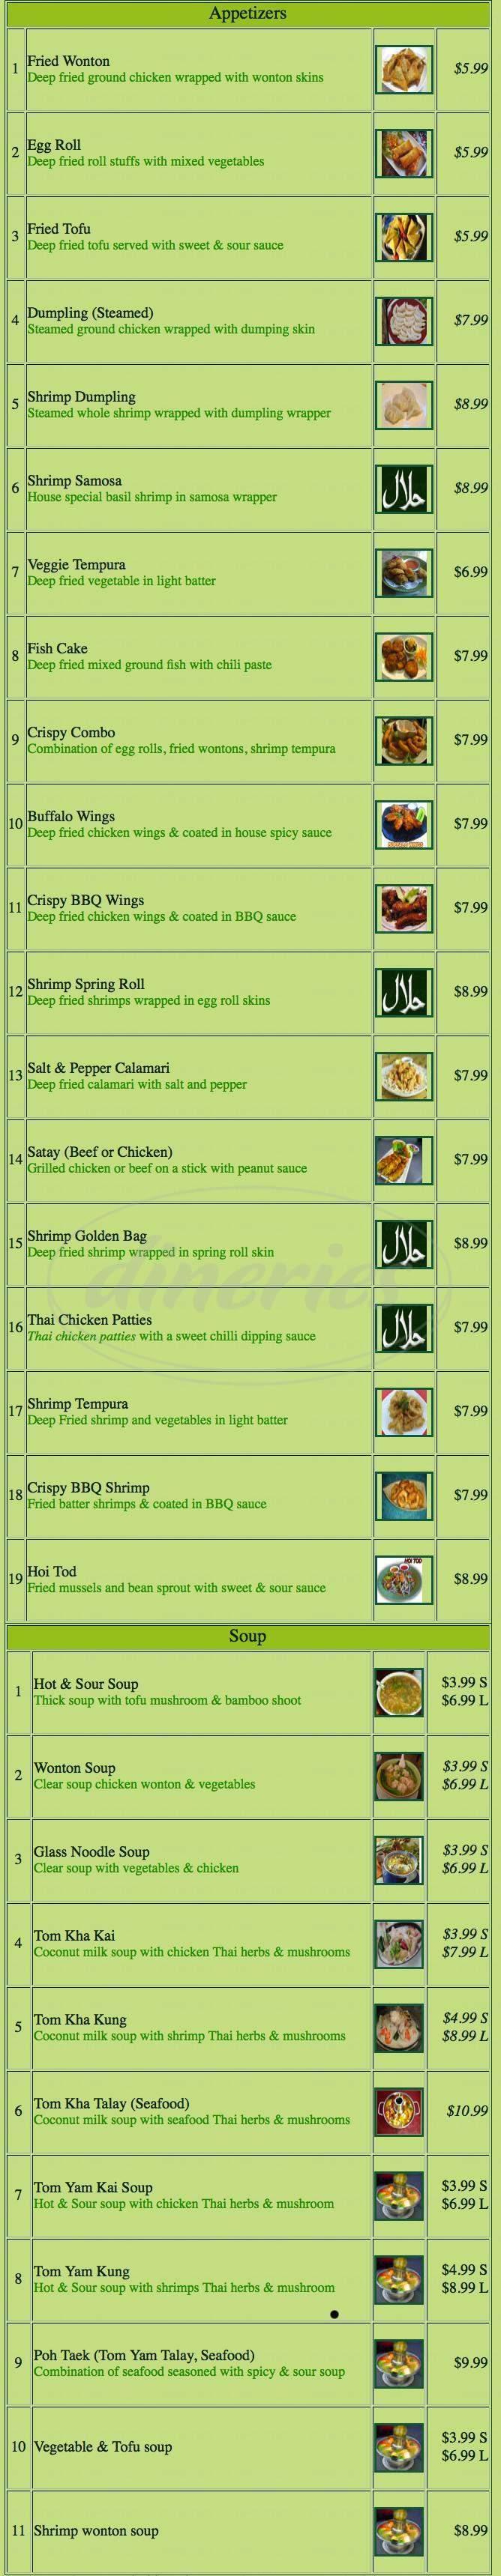 menu for Barn Rau